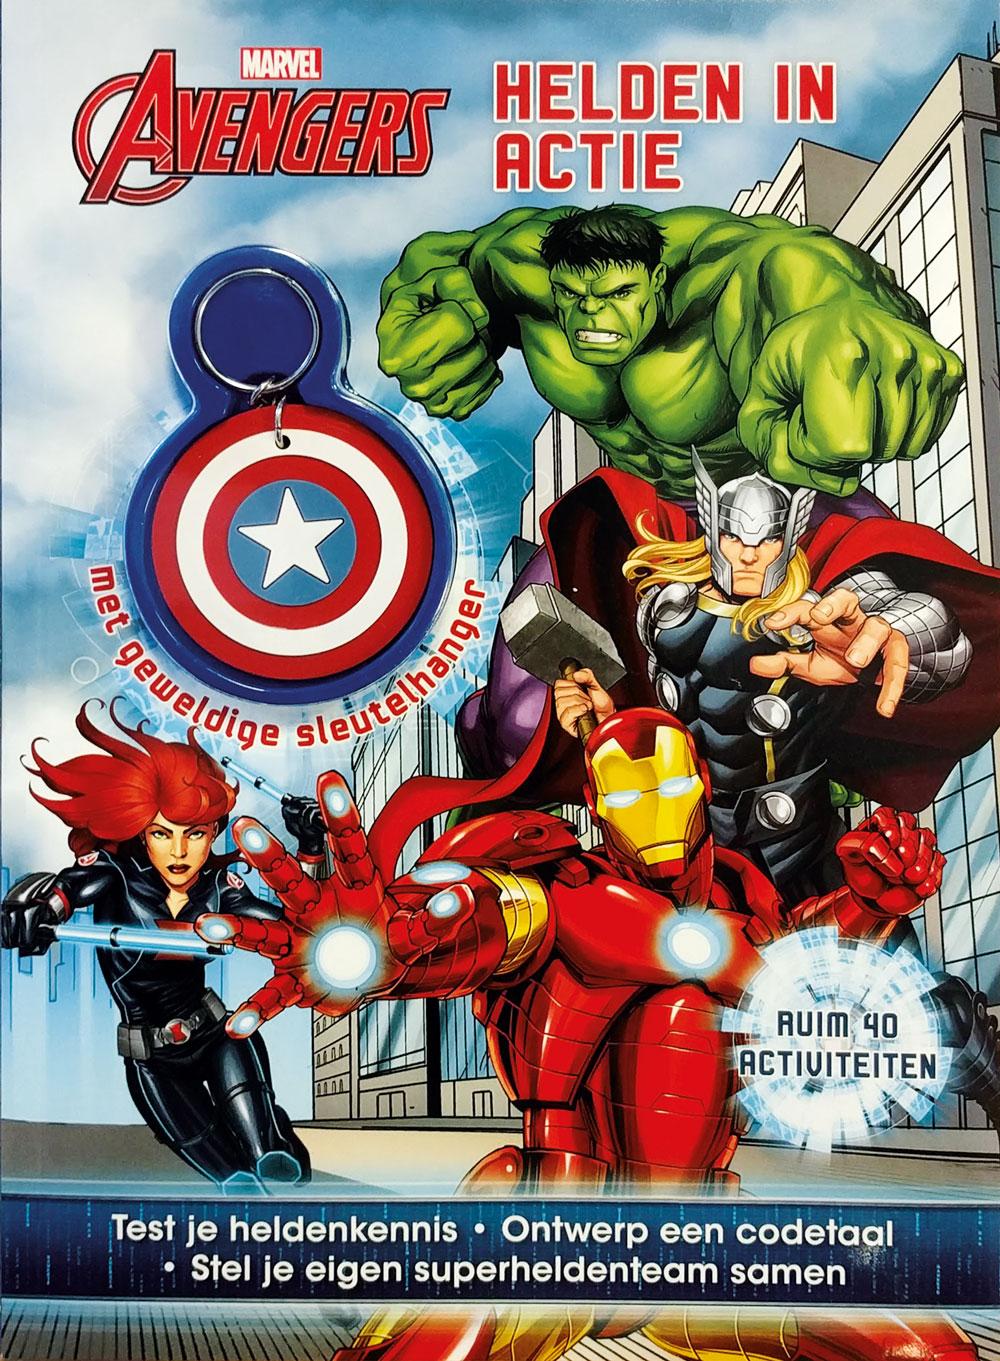 Marvel Avengers Helden in actie act